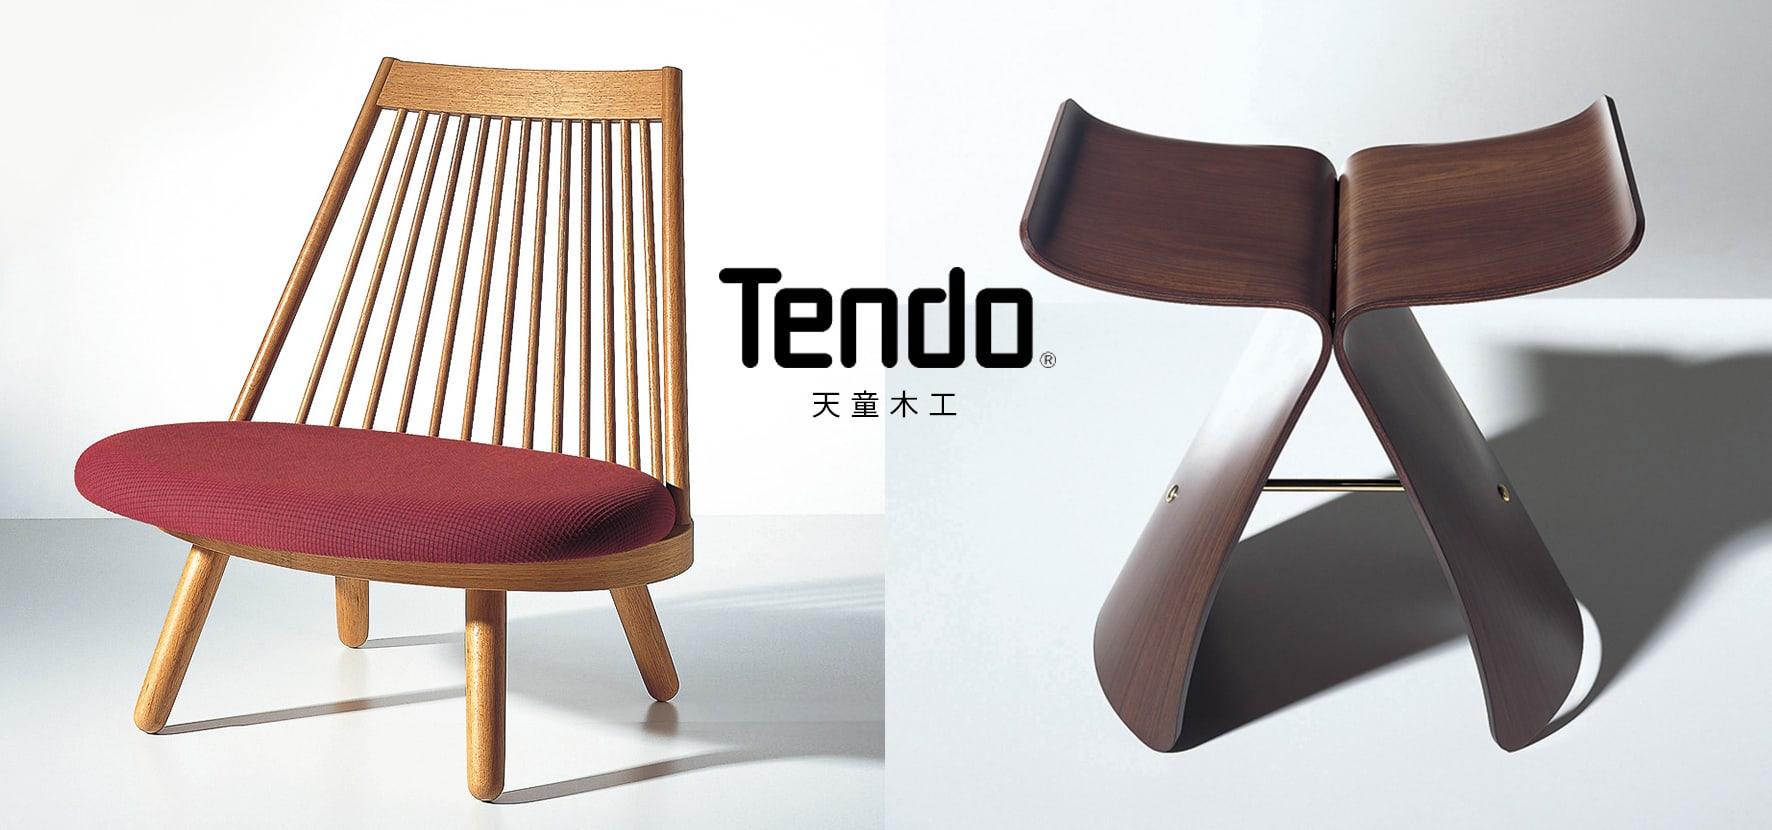 木を曲げてかたちをつくる「成形合板」の技術が多くのデザイナー、クリエイターを刺激し名作を生み出す日本を代表する家具メーカー。